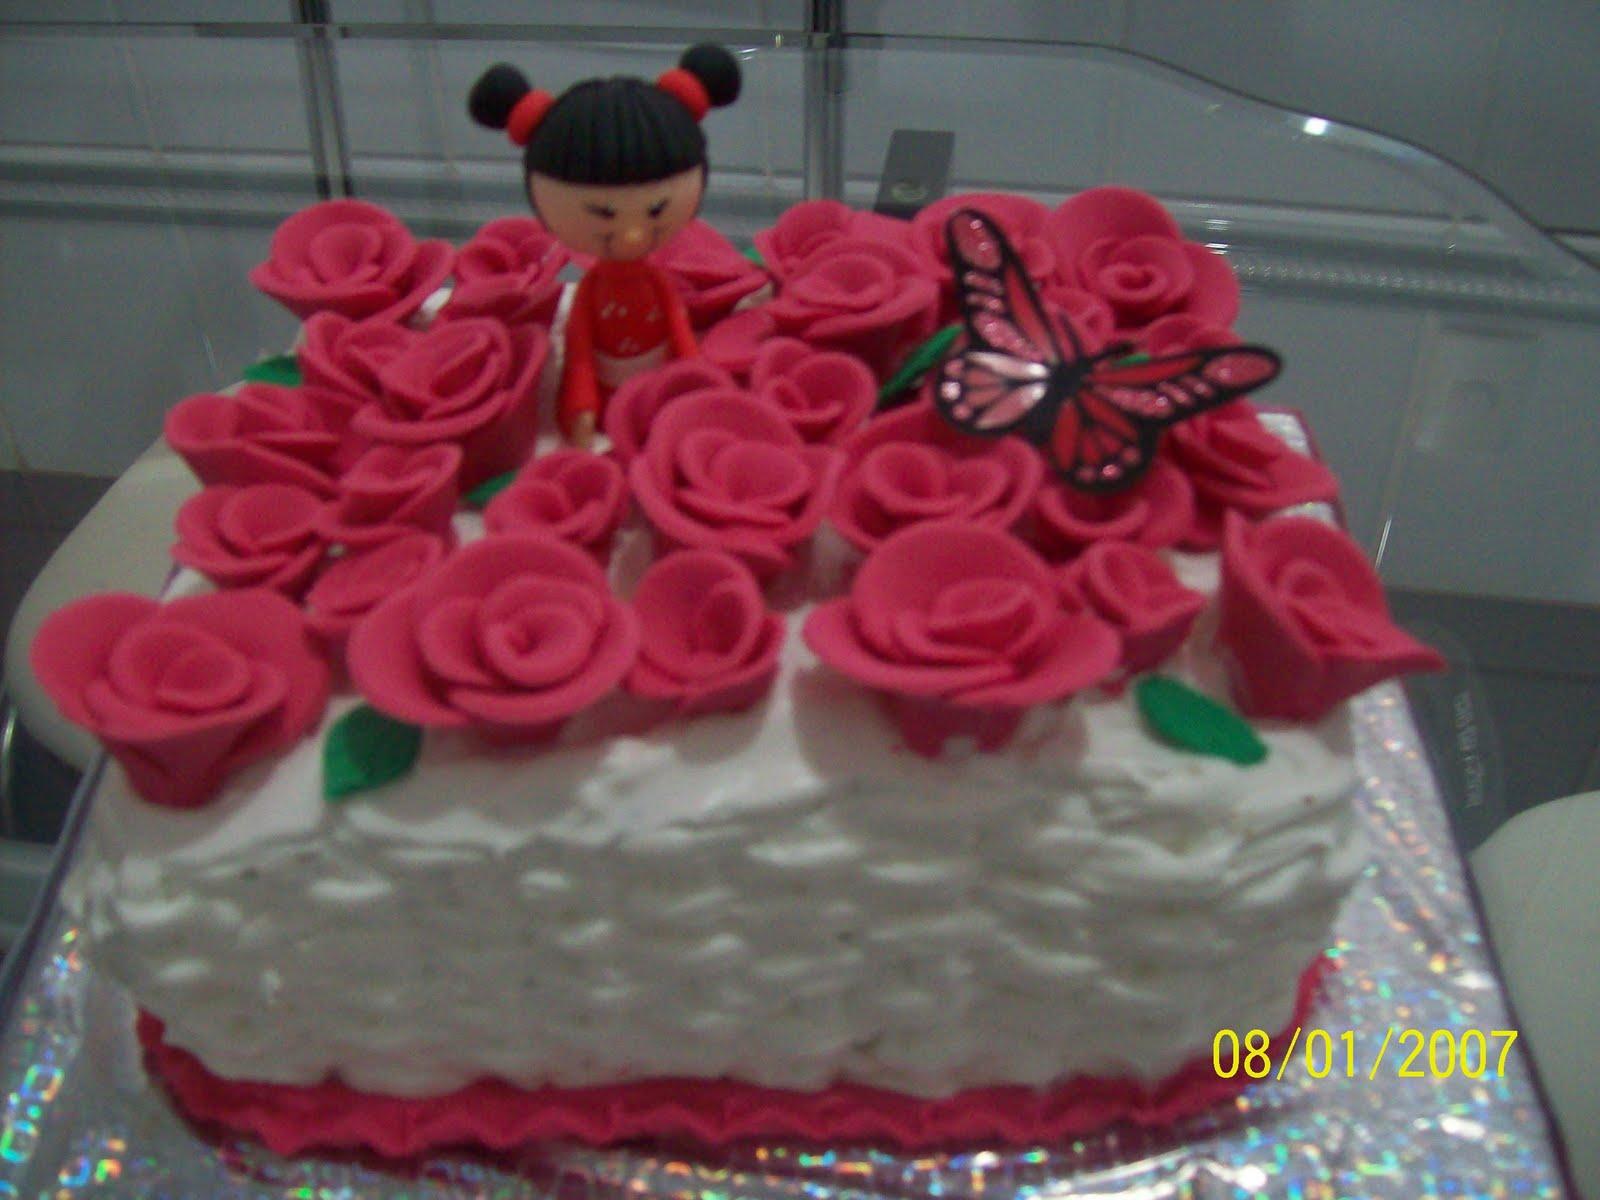 Mesa De Feliz Aniversario Bolo Para Sobrinha Imagens: Maria Gelza Bolos E Doces: Gueixa, Rosinhas E Borboleta